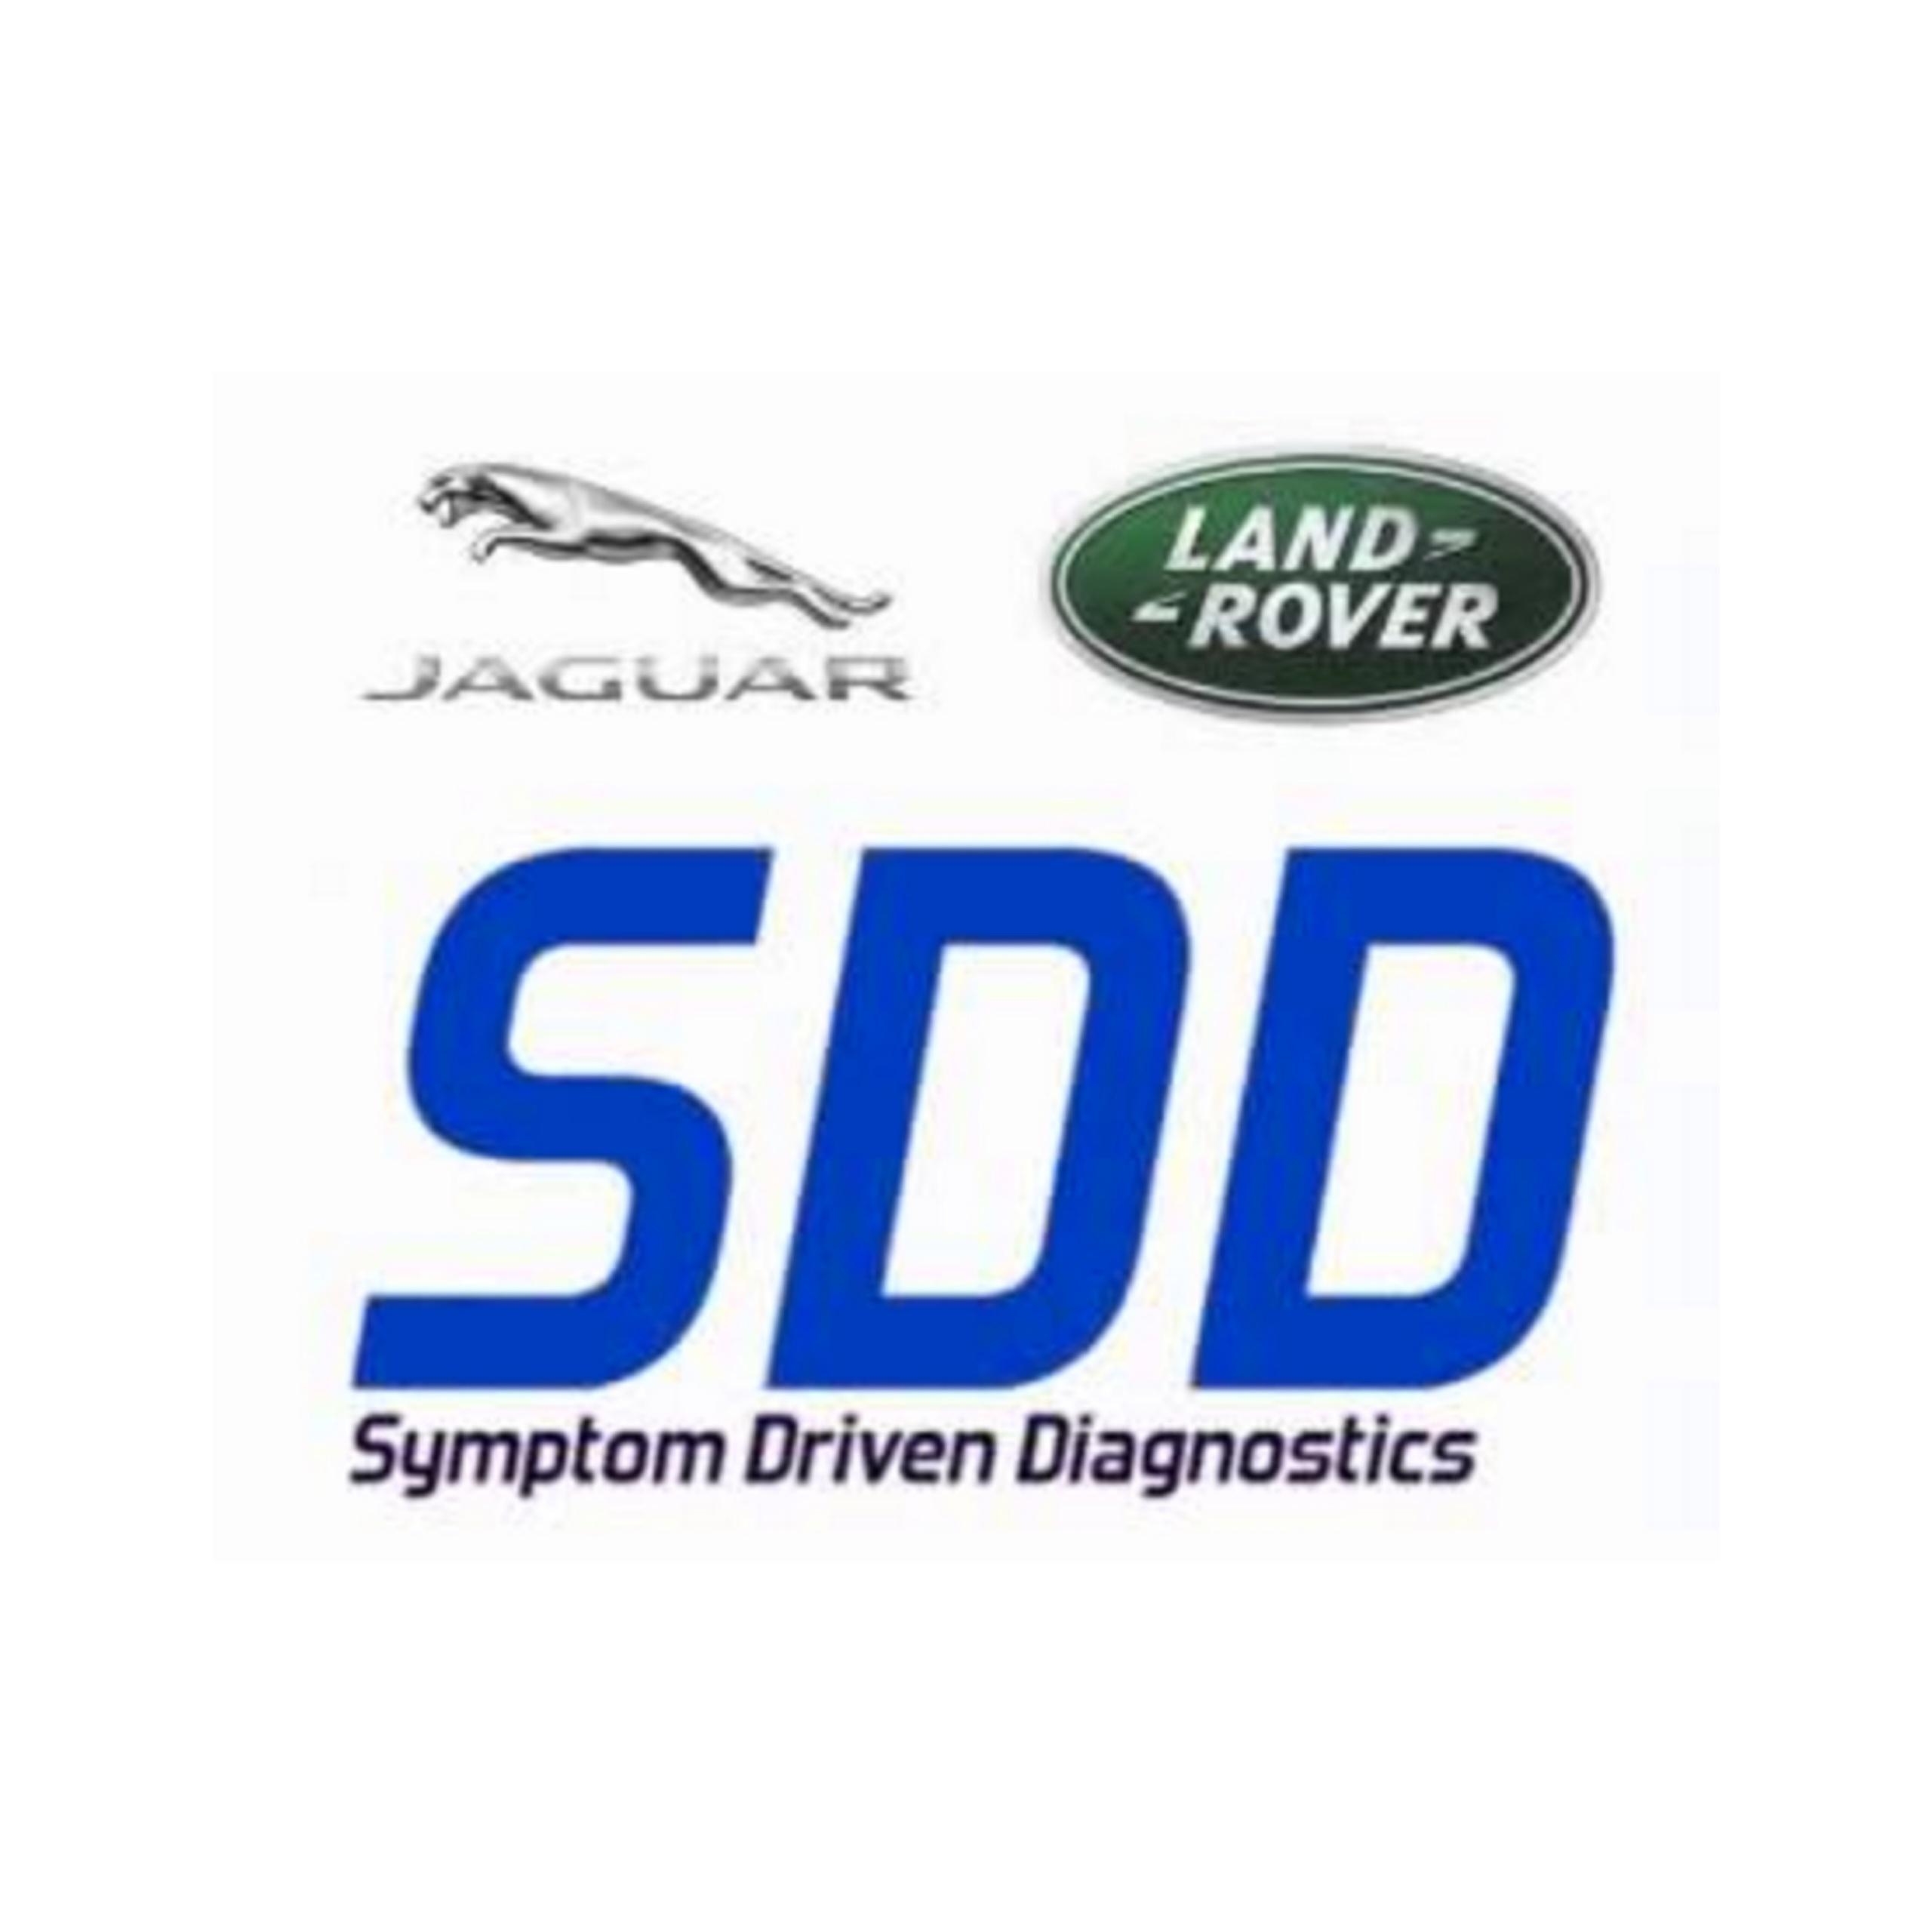 sdd-symptom-driven-diagnostics